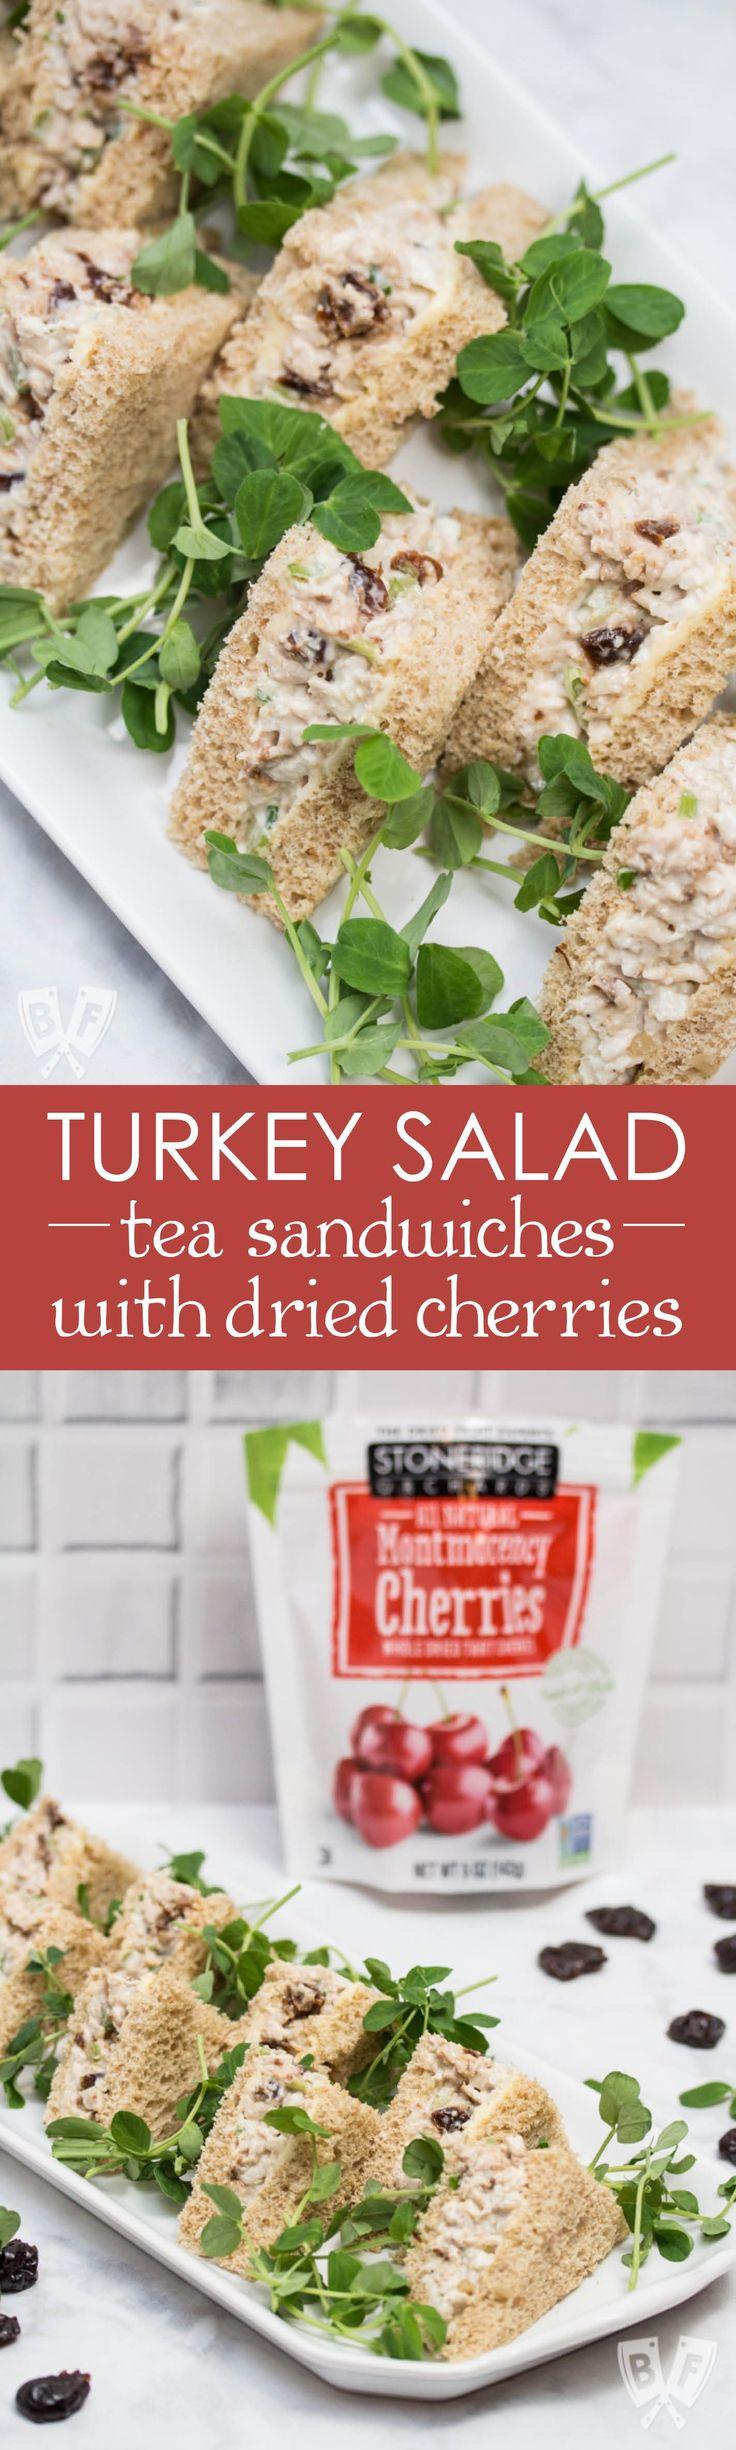 Tea Smoked Duck Recipe - How to Make Tea Smoked Duck